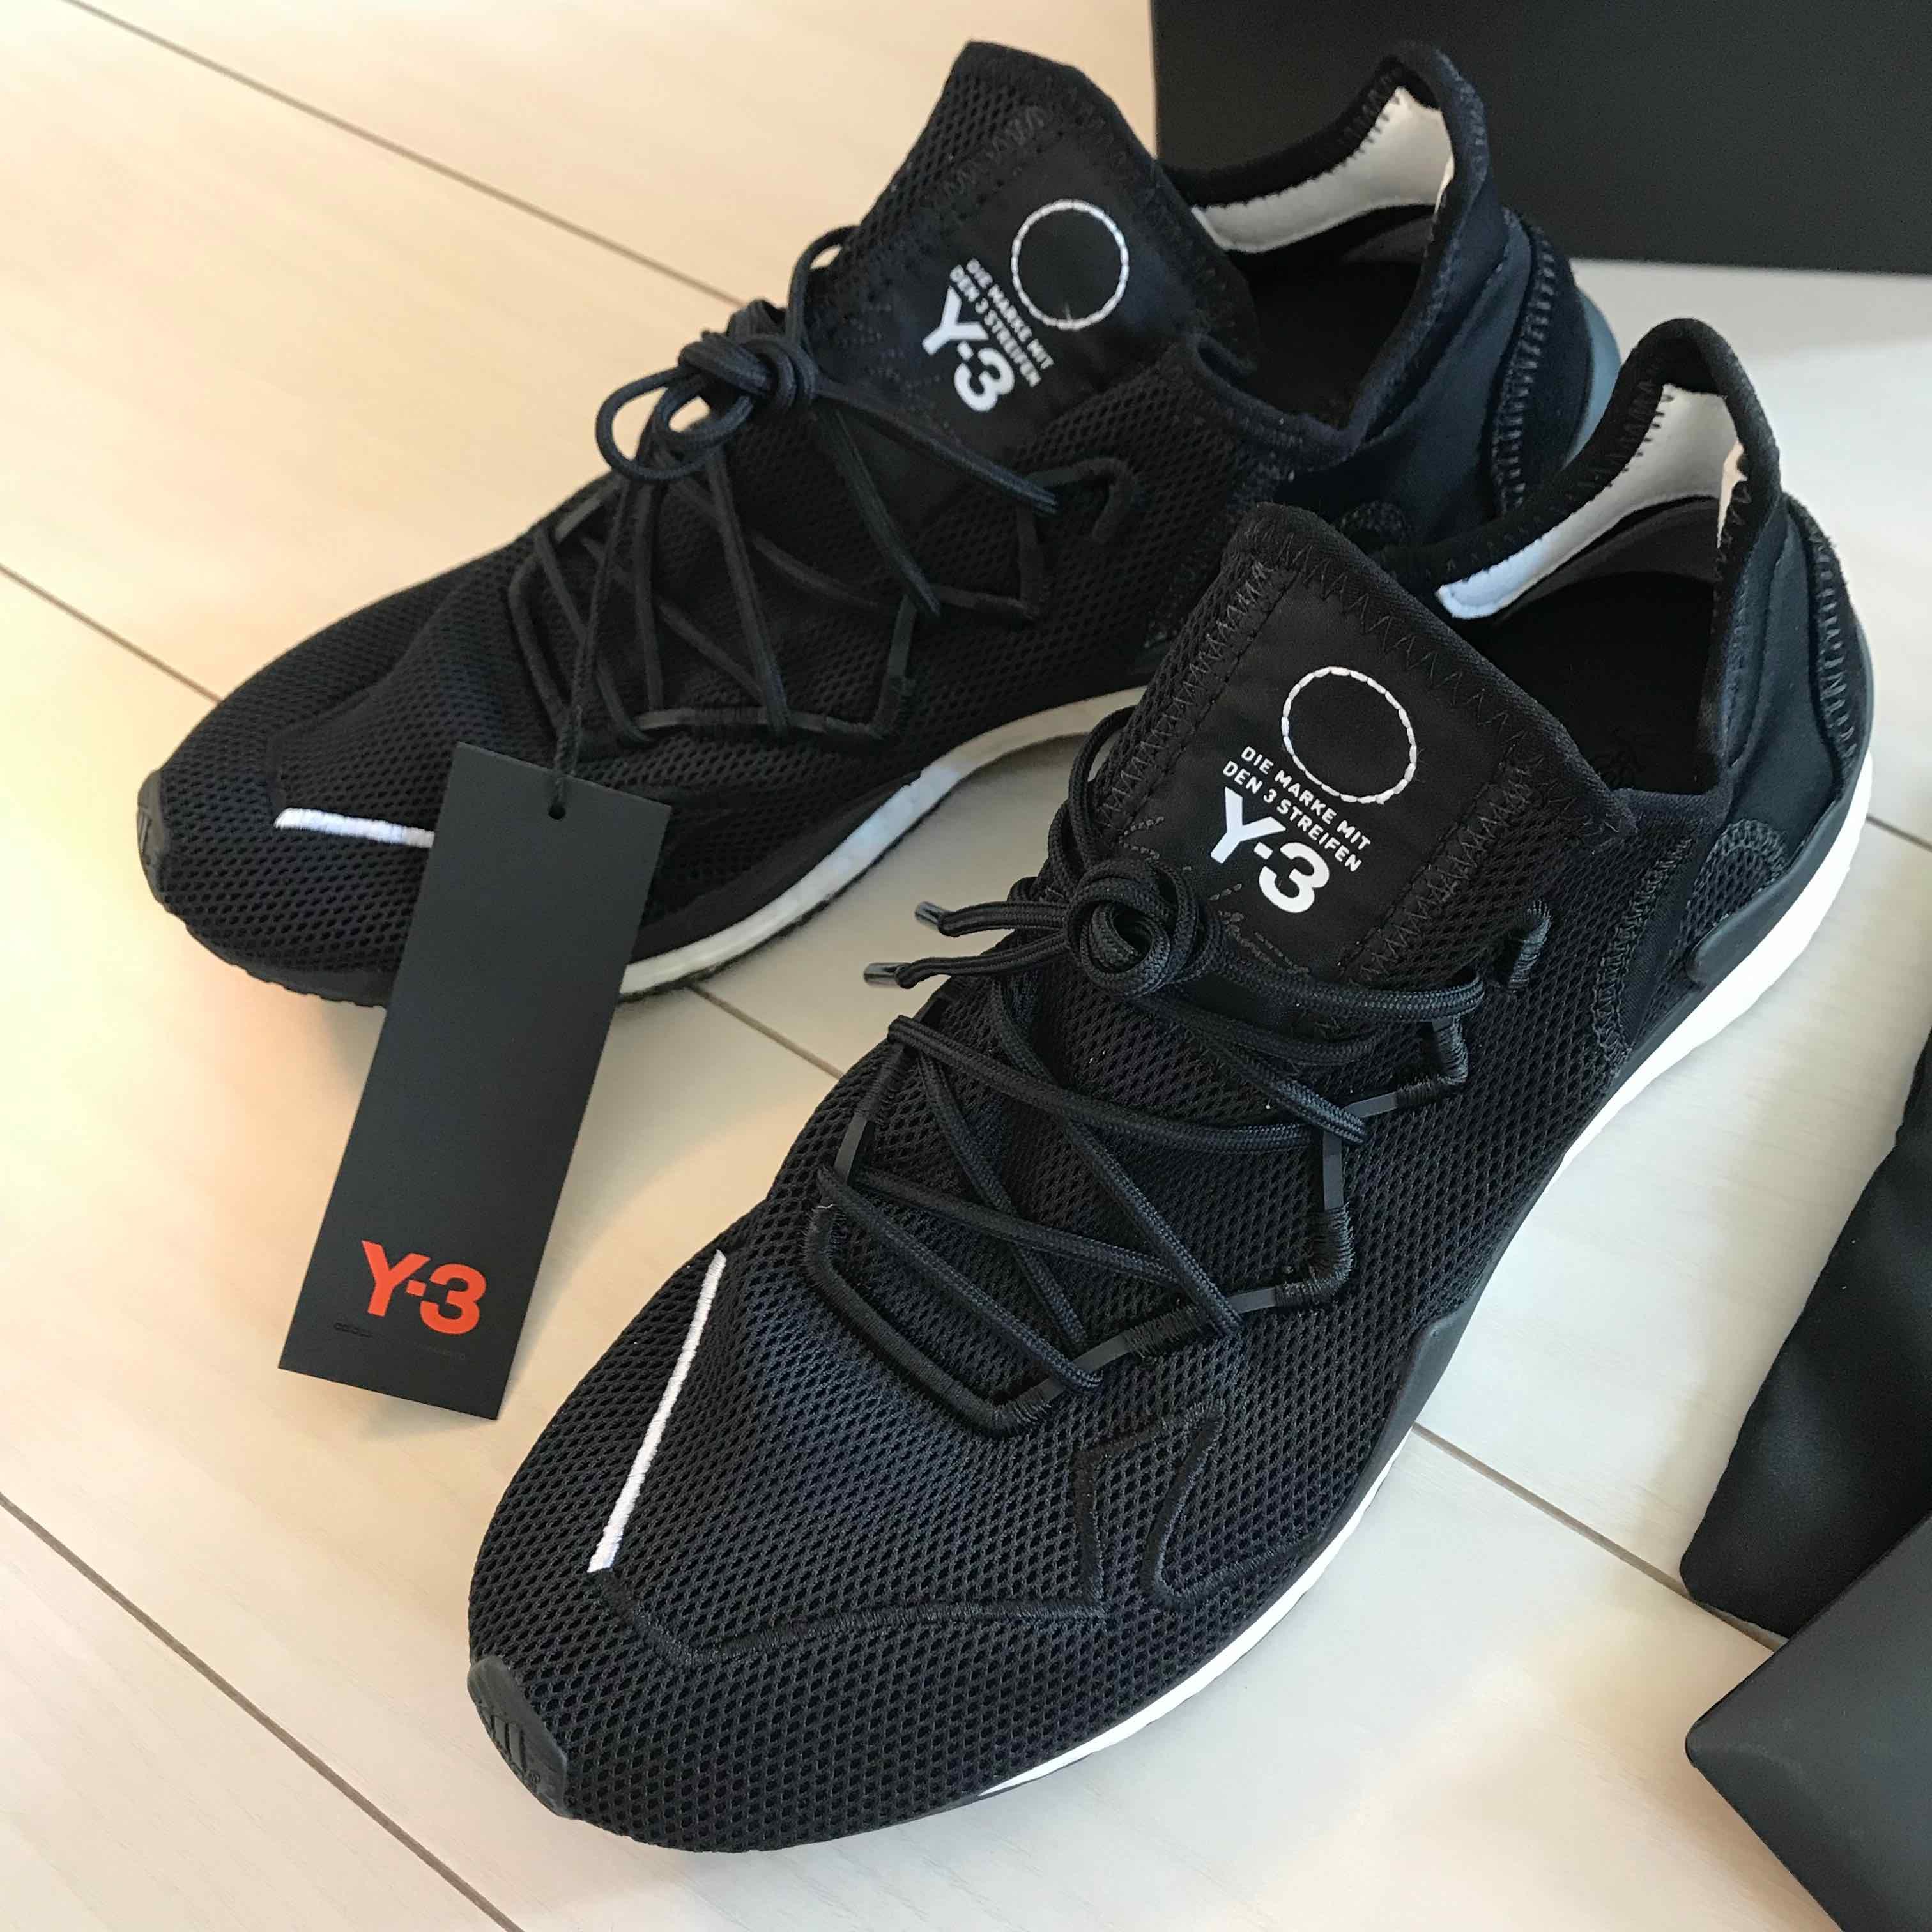 Y-3アディゼロランナー ヨージヤマモトデザインブランド。 なんか好きだなー